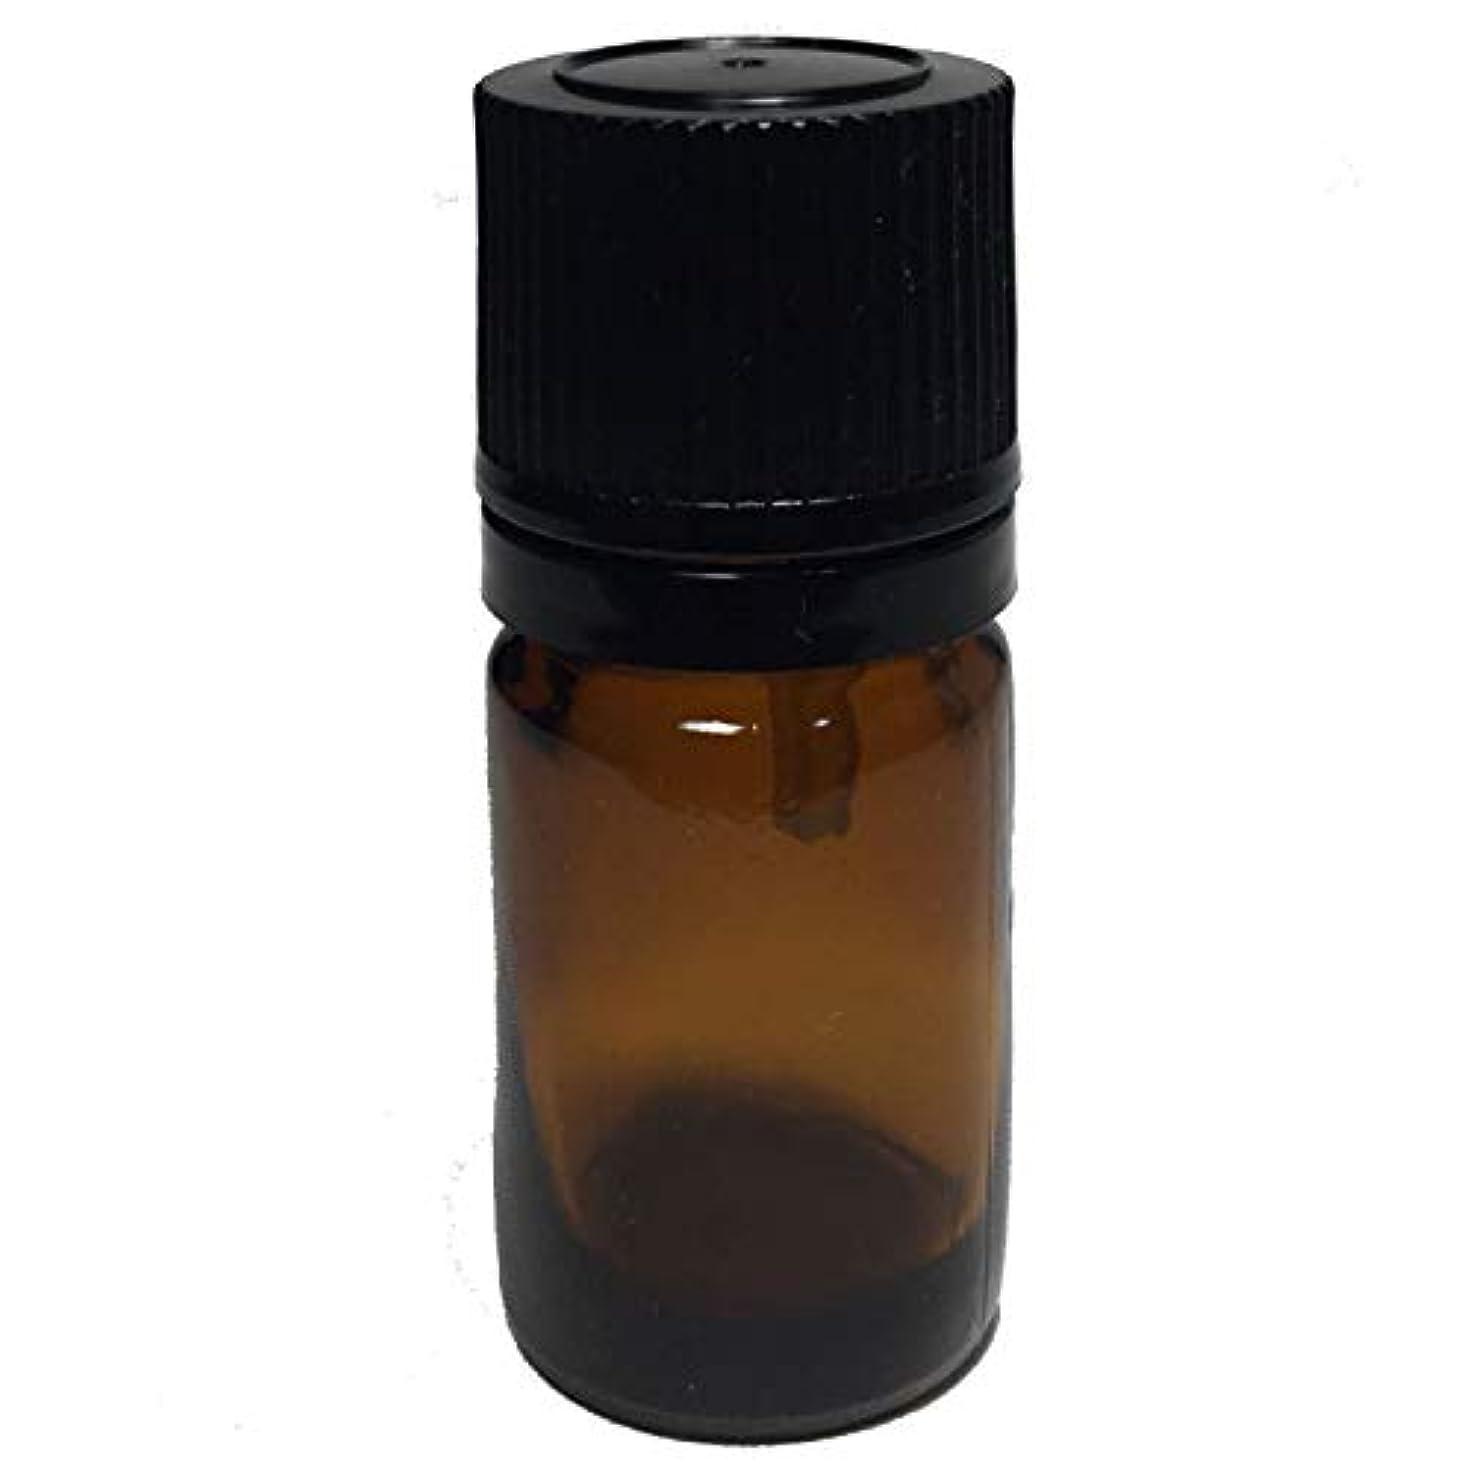 確認する無駄冷淡なエッセンシャルオイル用茶色遮光瓶 ドロッパー付き(黒キャップ) 5ml ガラスビン 10本セット